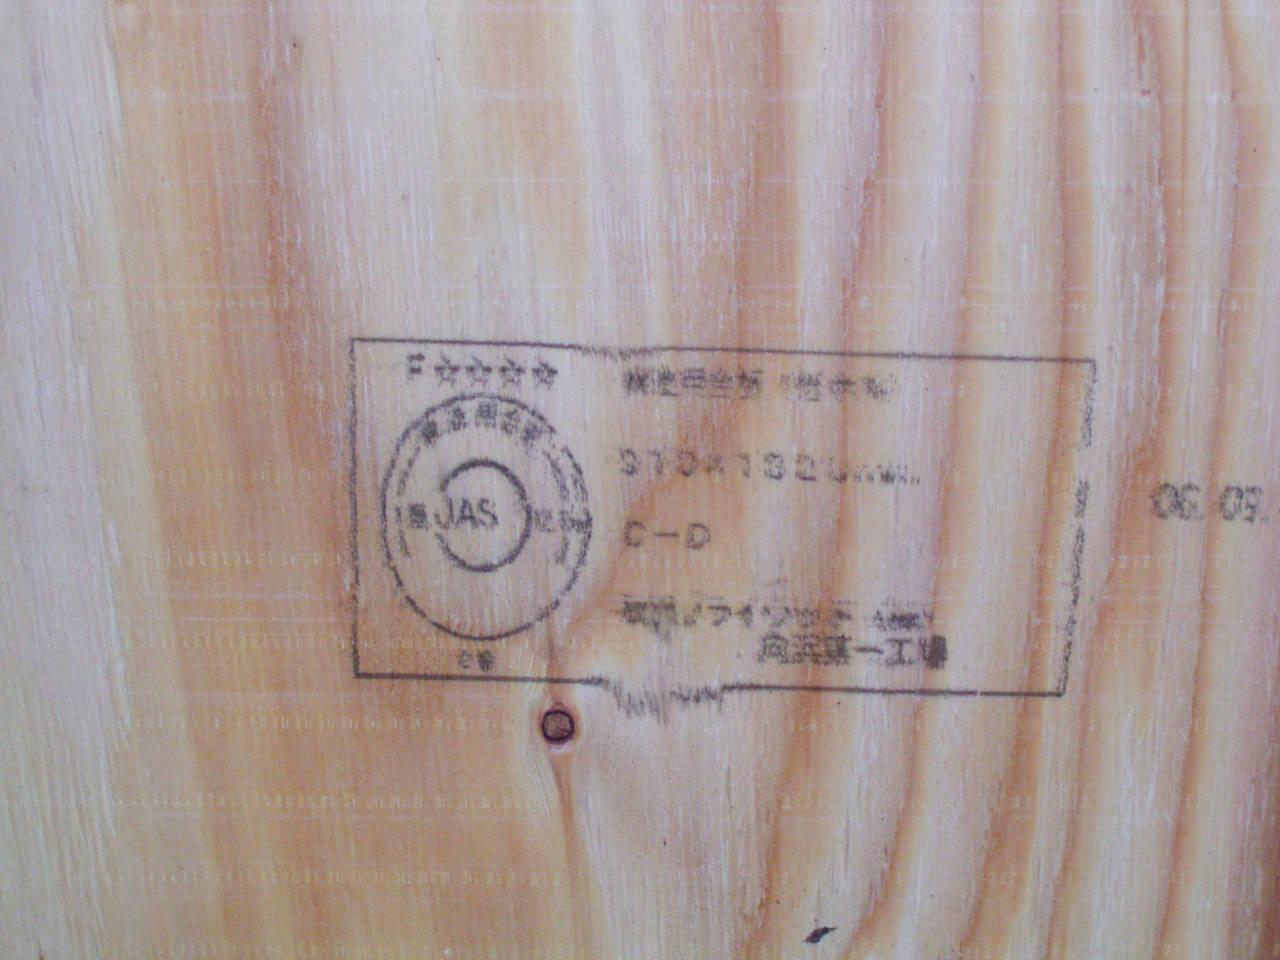 b0101136_17305968.jpg